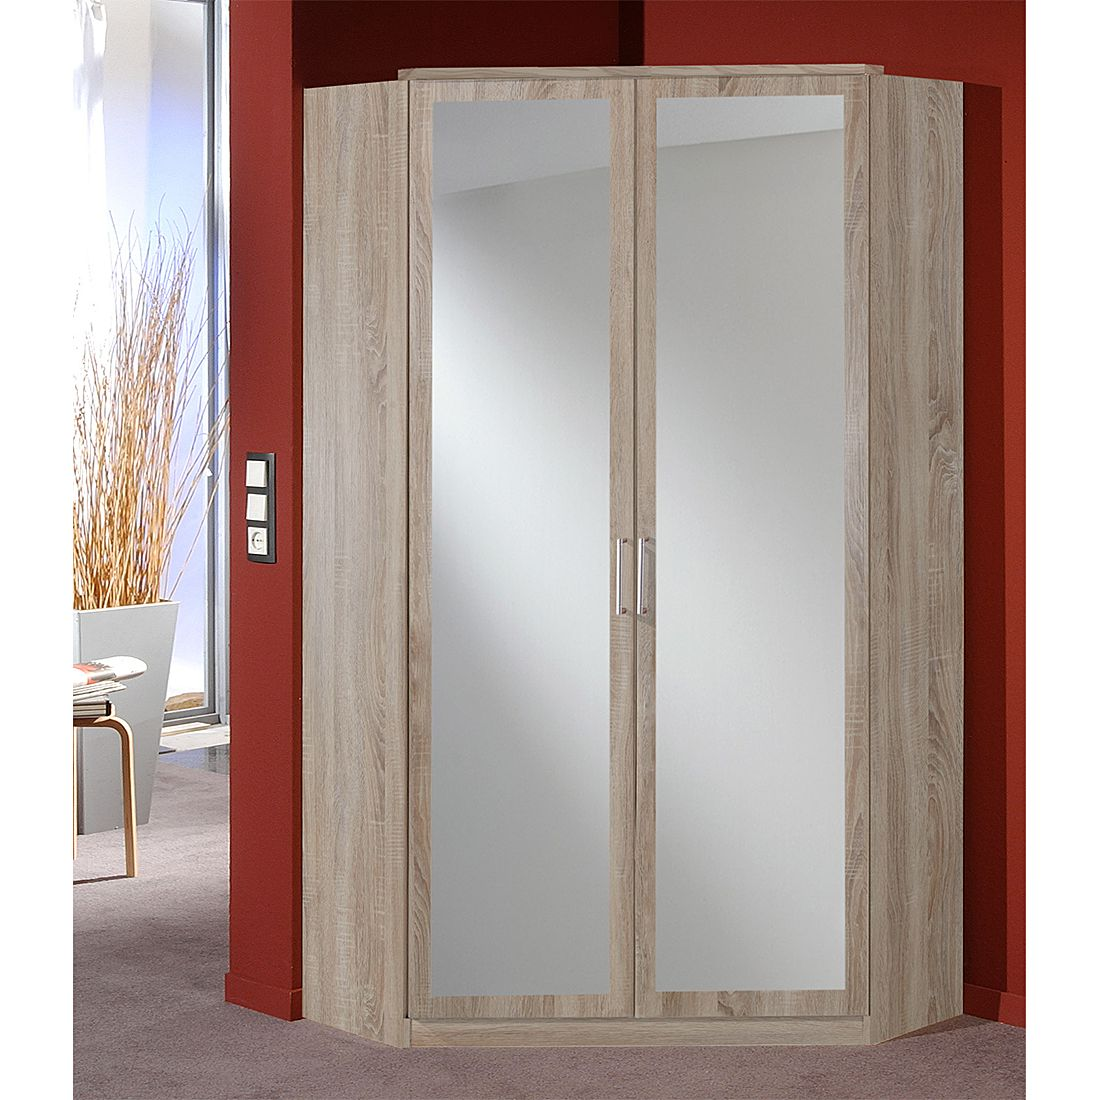 Eckkleiderschrank mit spiegel  Eckschrank Click (mit Spiegel) - Eiche Sägerau Dekor | Home24